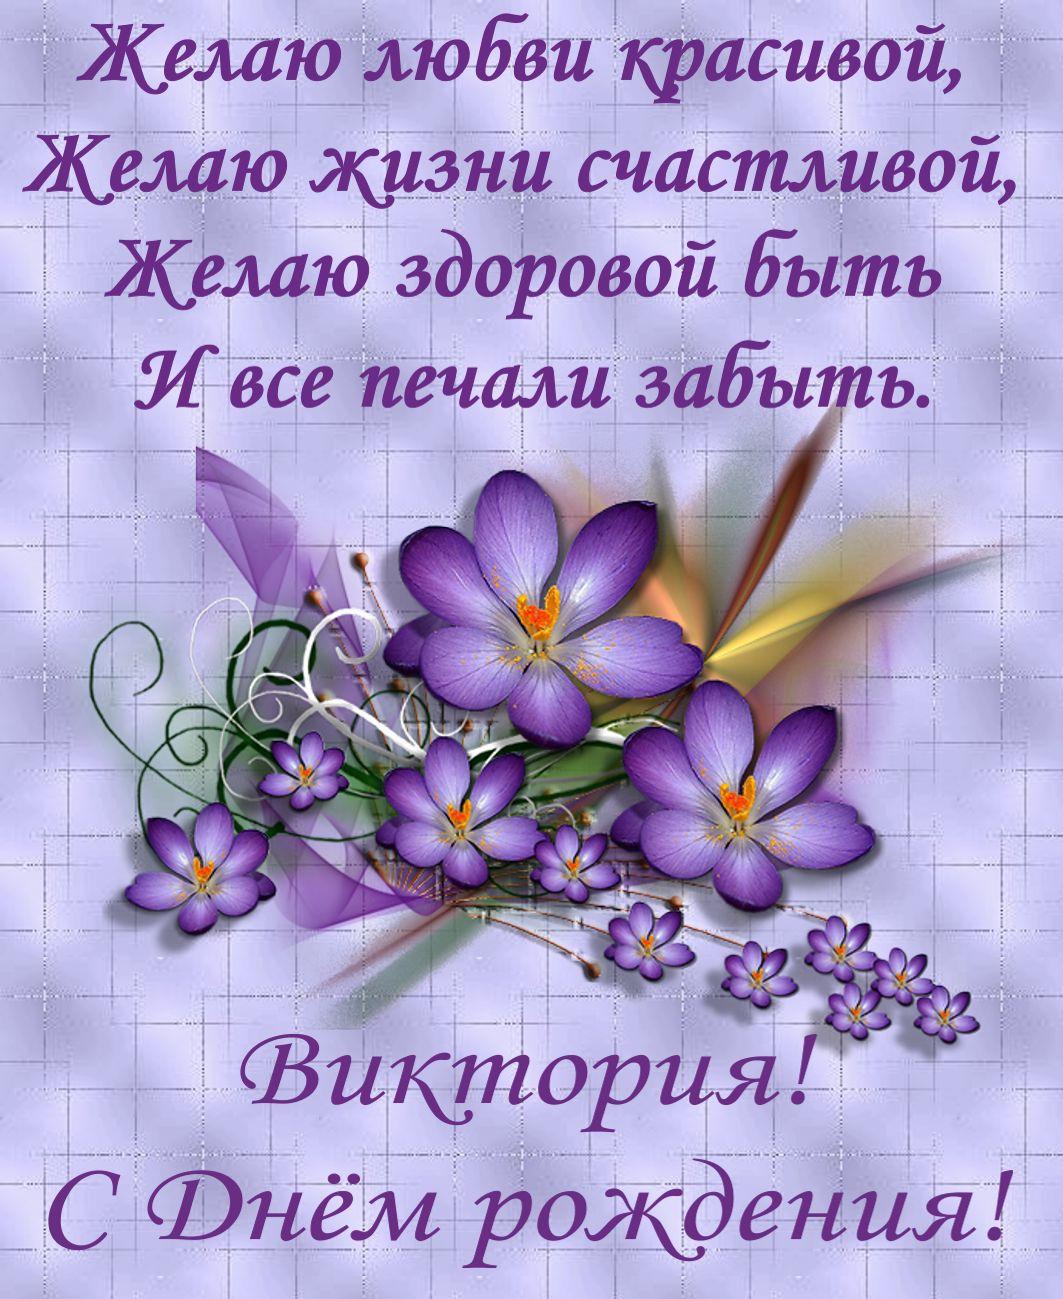 Открытка - цветы и пожелание на фиолетовом фоне